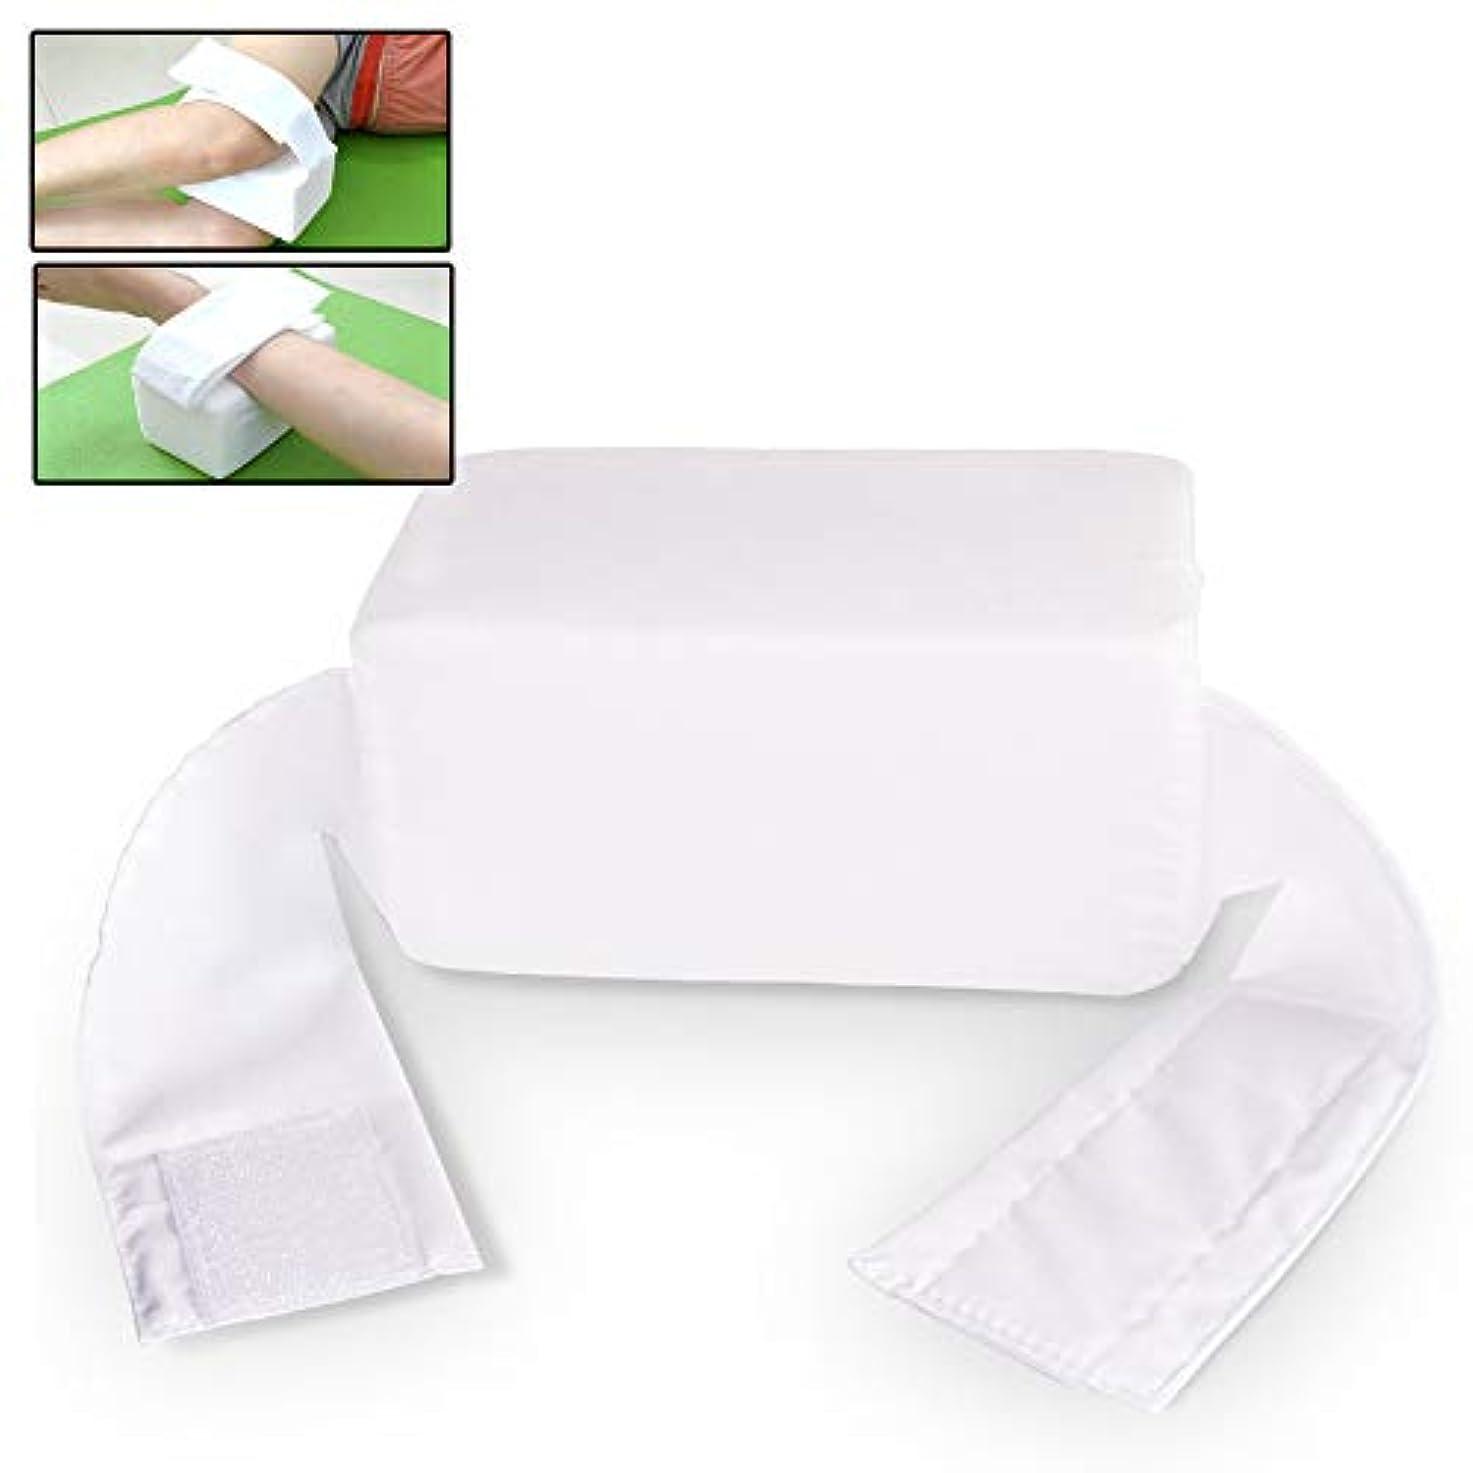 秘密の寮実質的調節可能なストラップ付きの多機能抗床ずれ膝枕 -サイドスリーパー、坐骨神経痛、妊娠と関節痛のためのくさびスポンジ枕